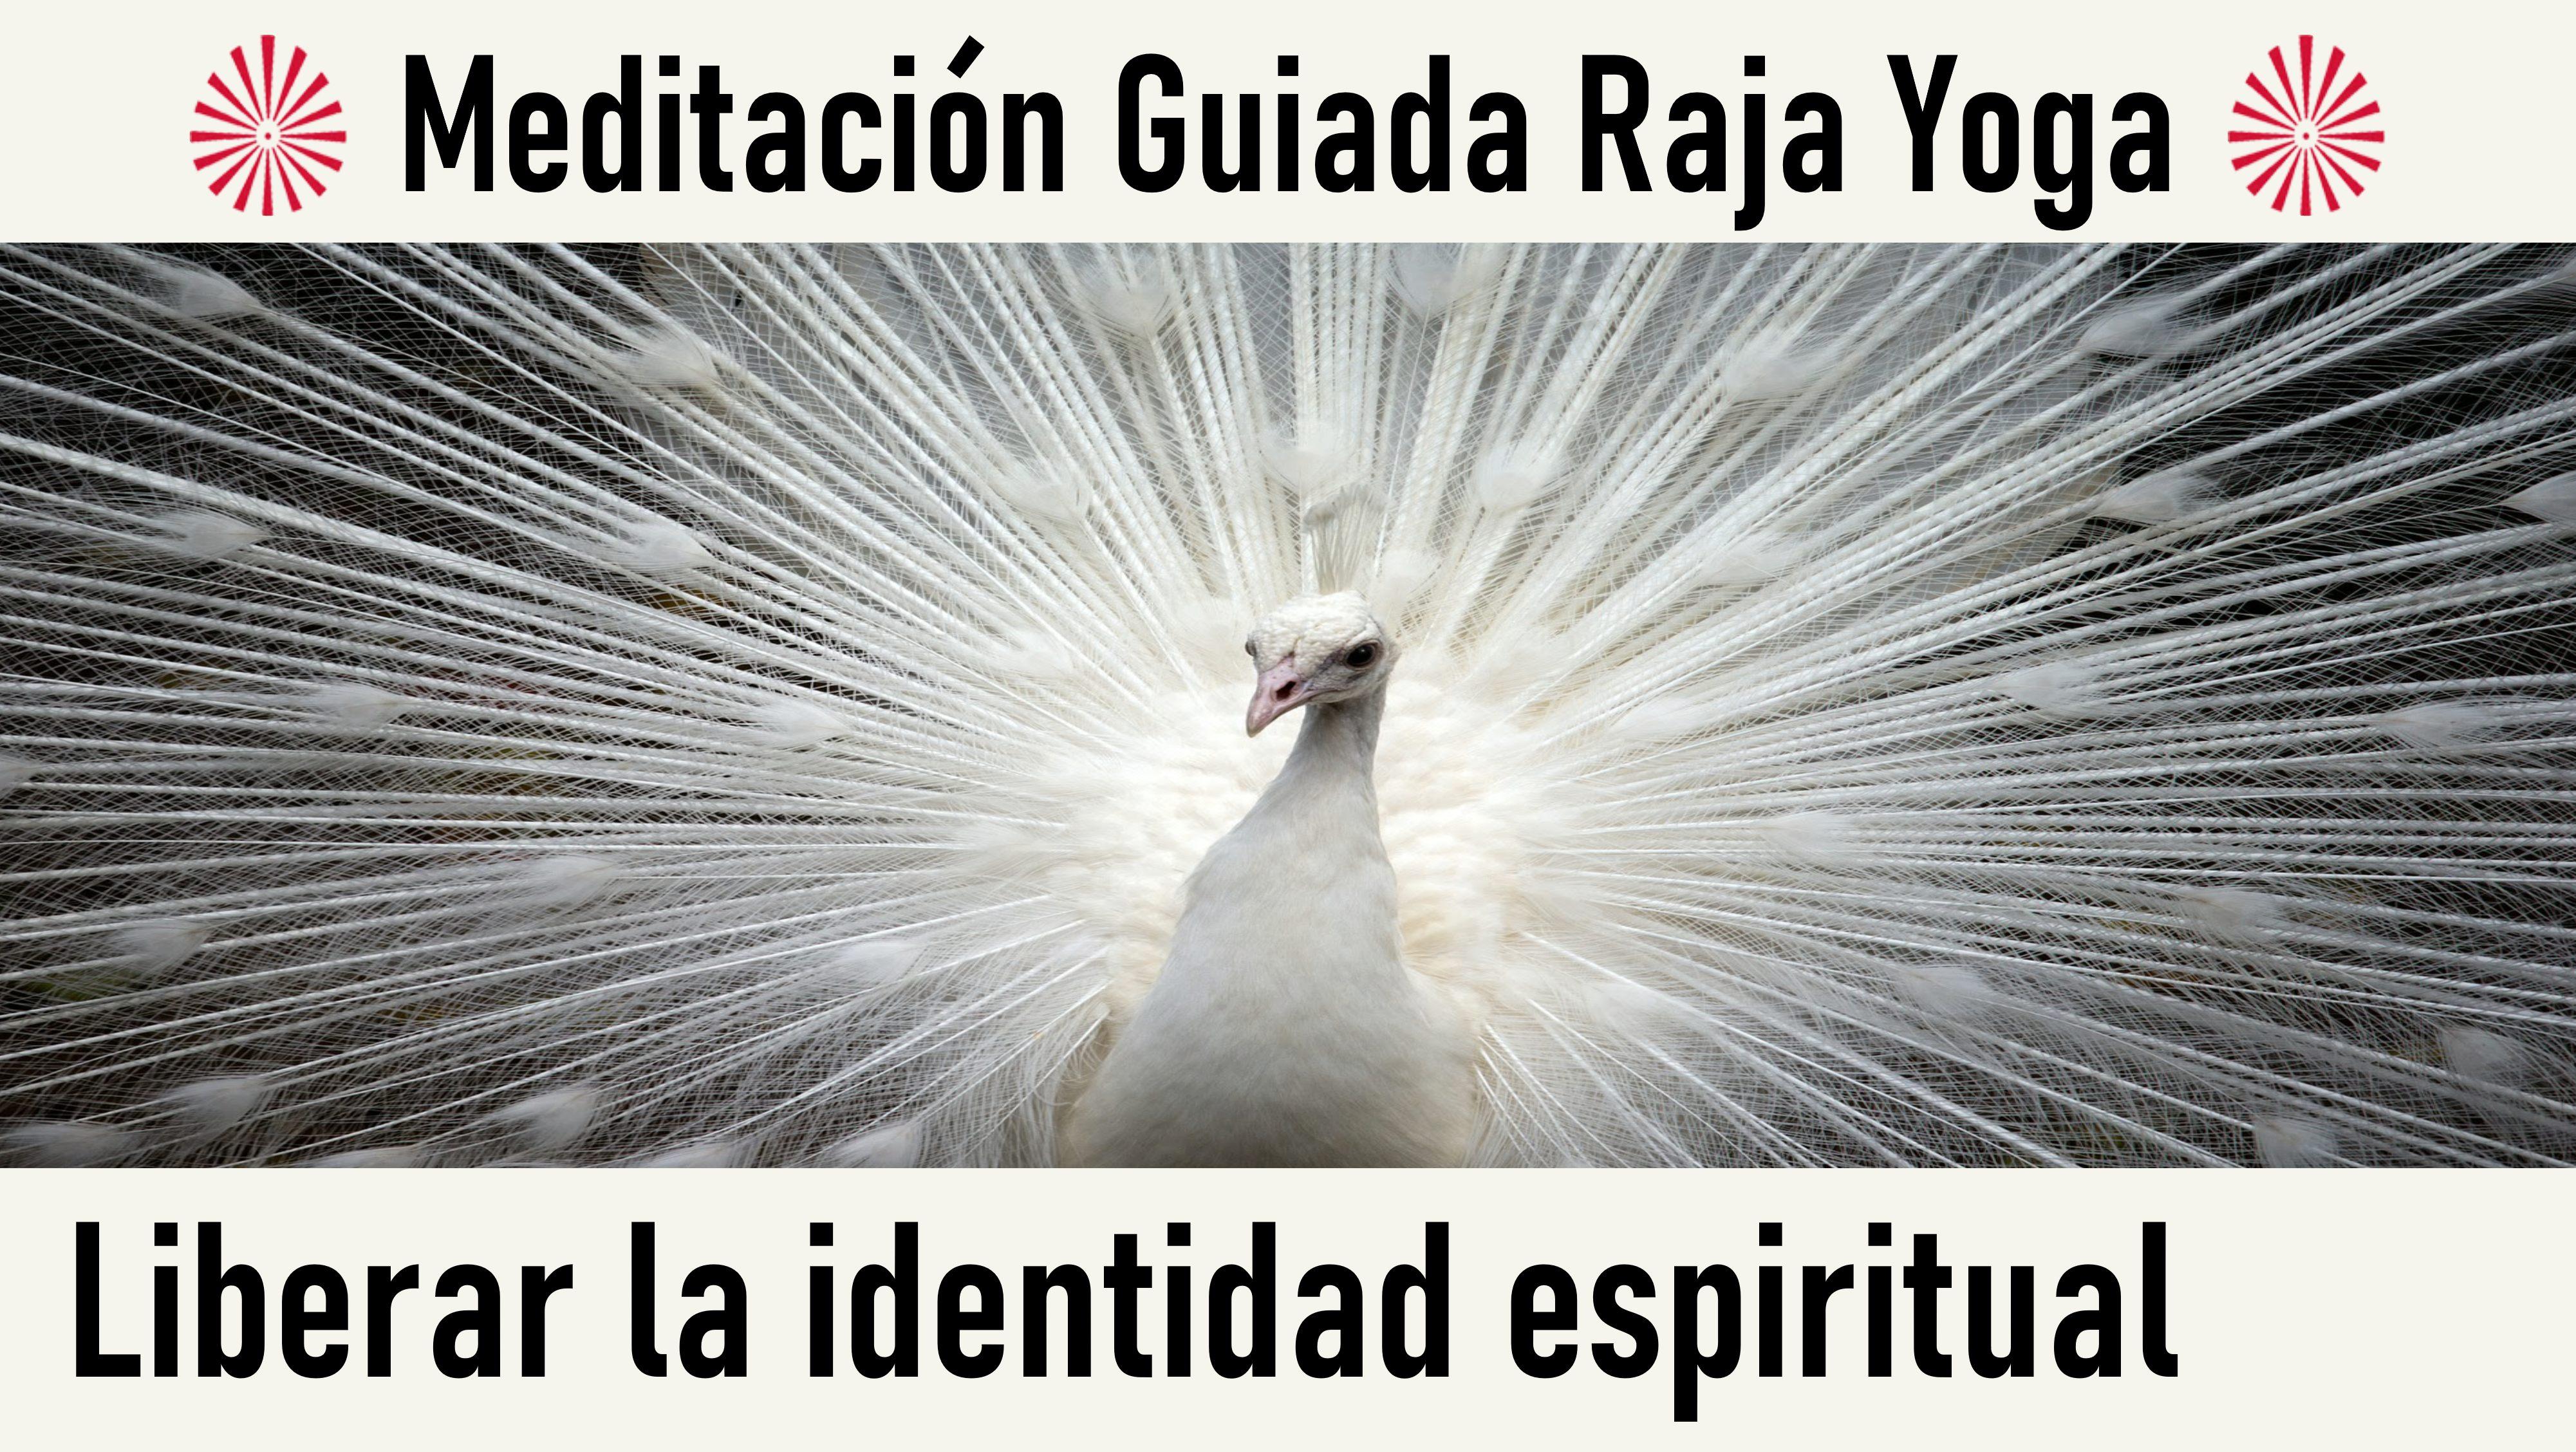 21 Mayo 2020 Meditación Guiada: Liberar la identidad espiritual